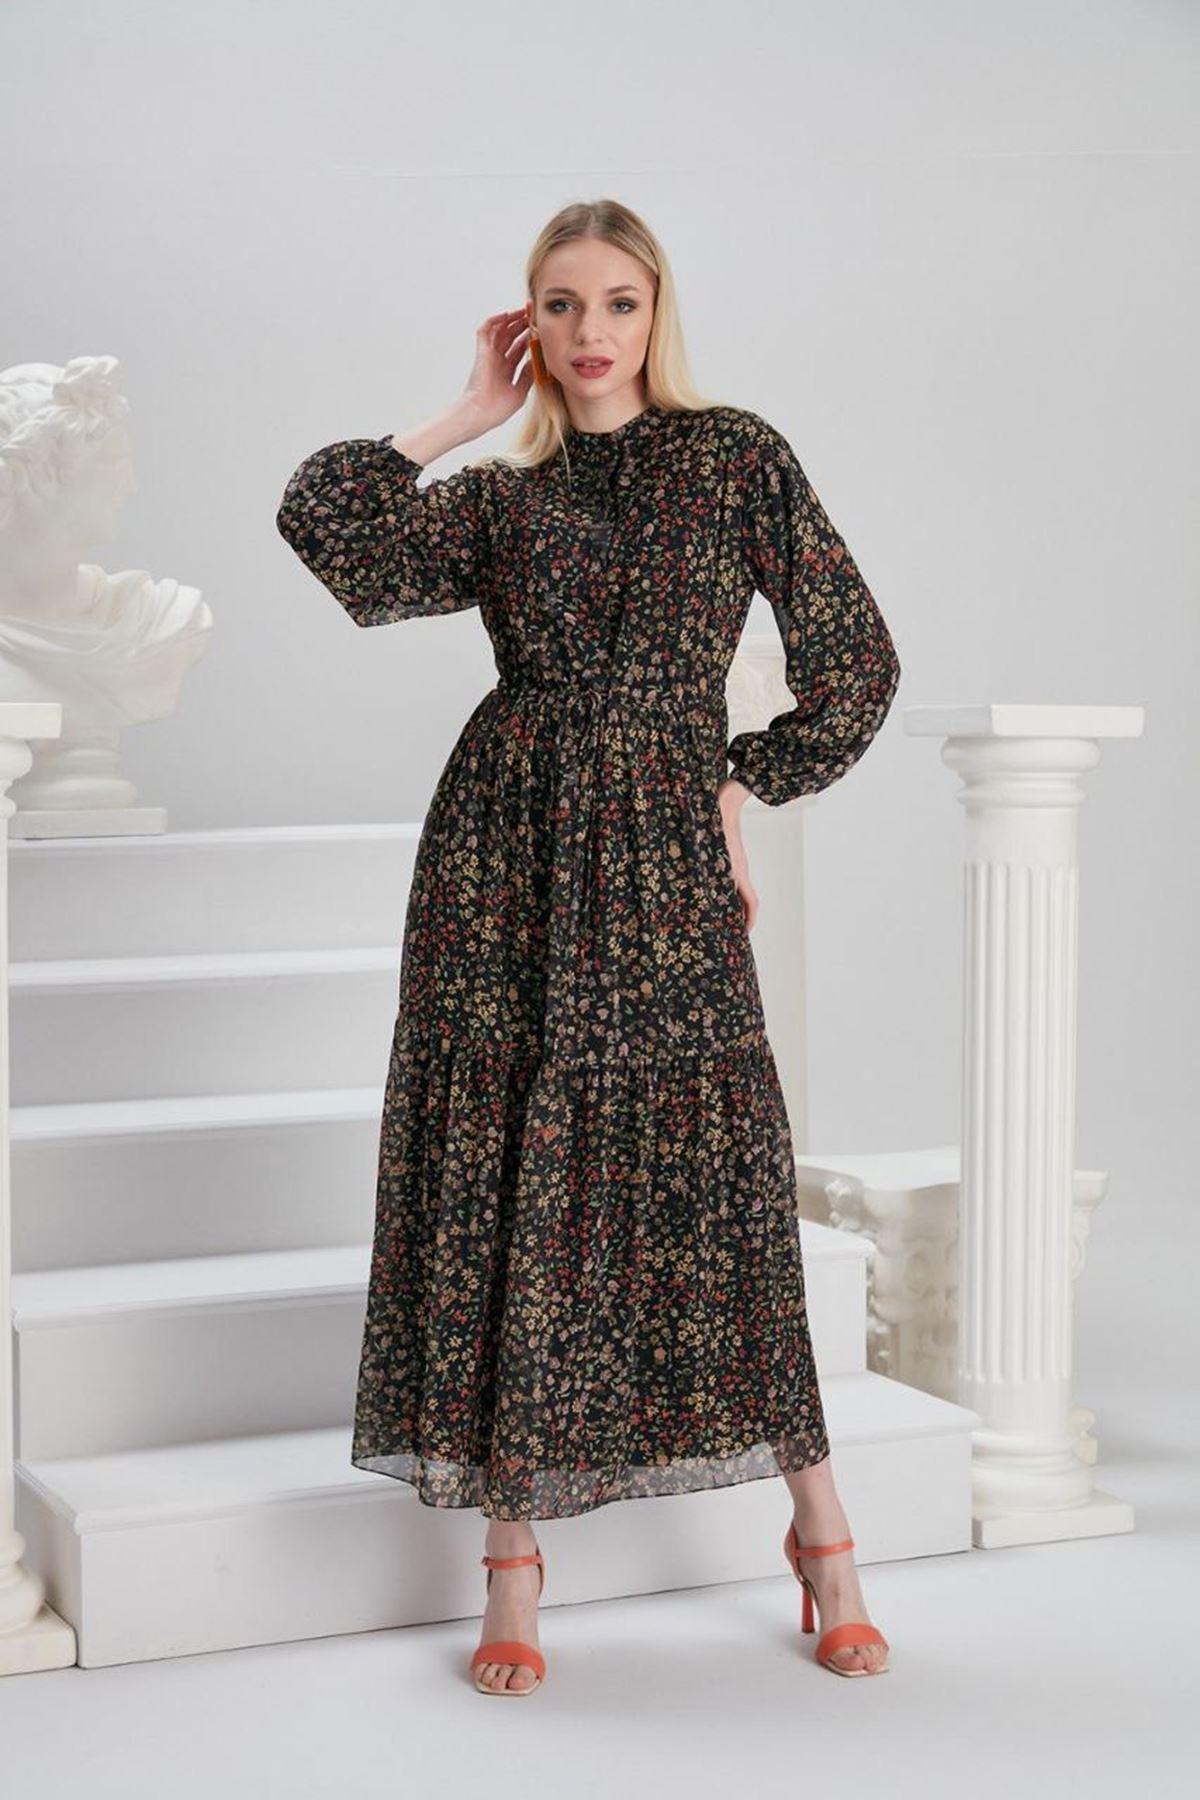 Kadın Beli Bağıcıklı Desenli Elbise - Siyah